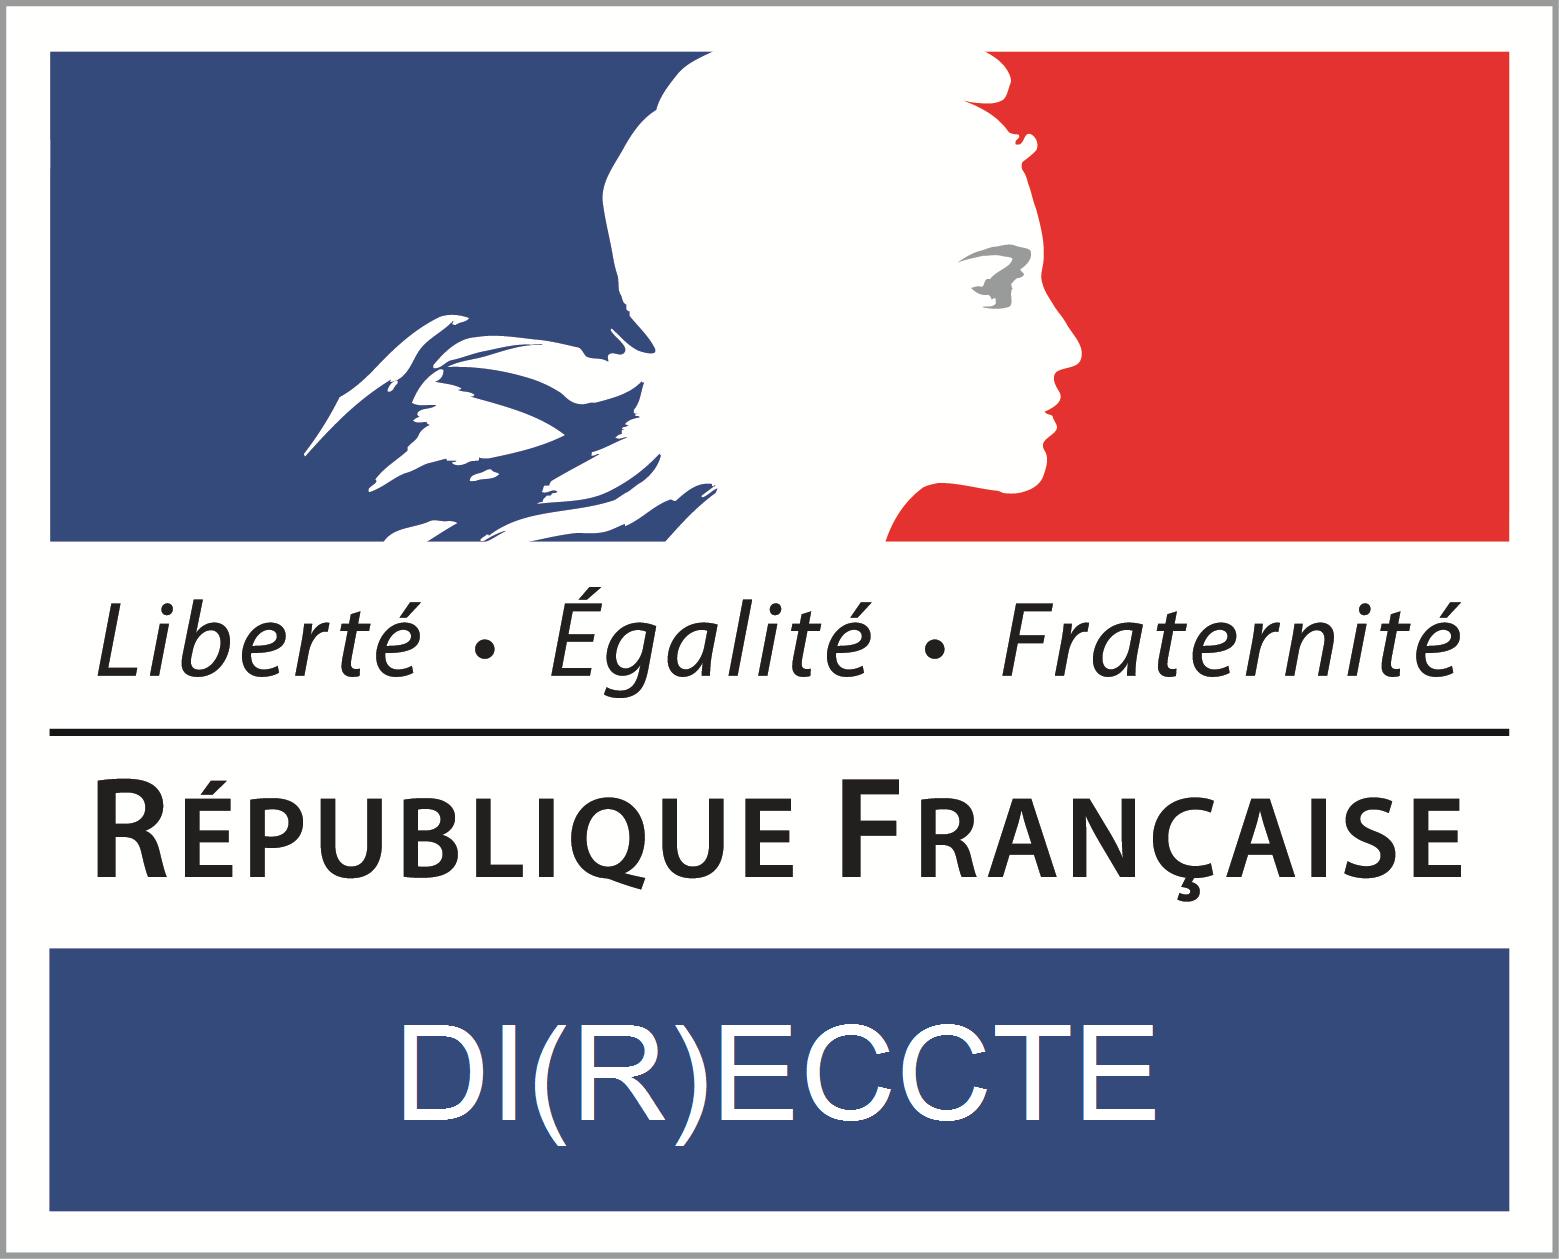 DI(R)ECCTE